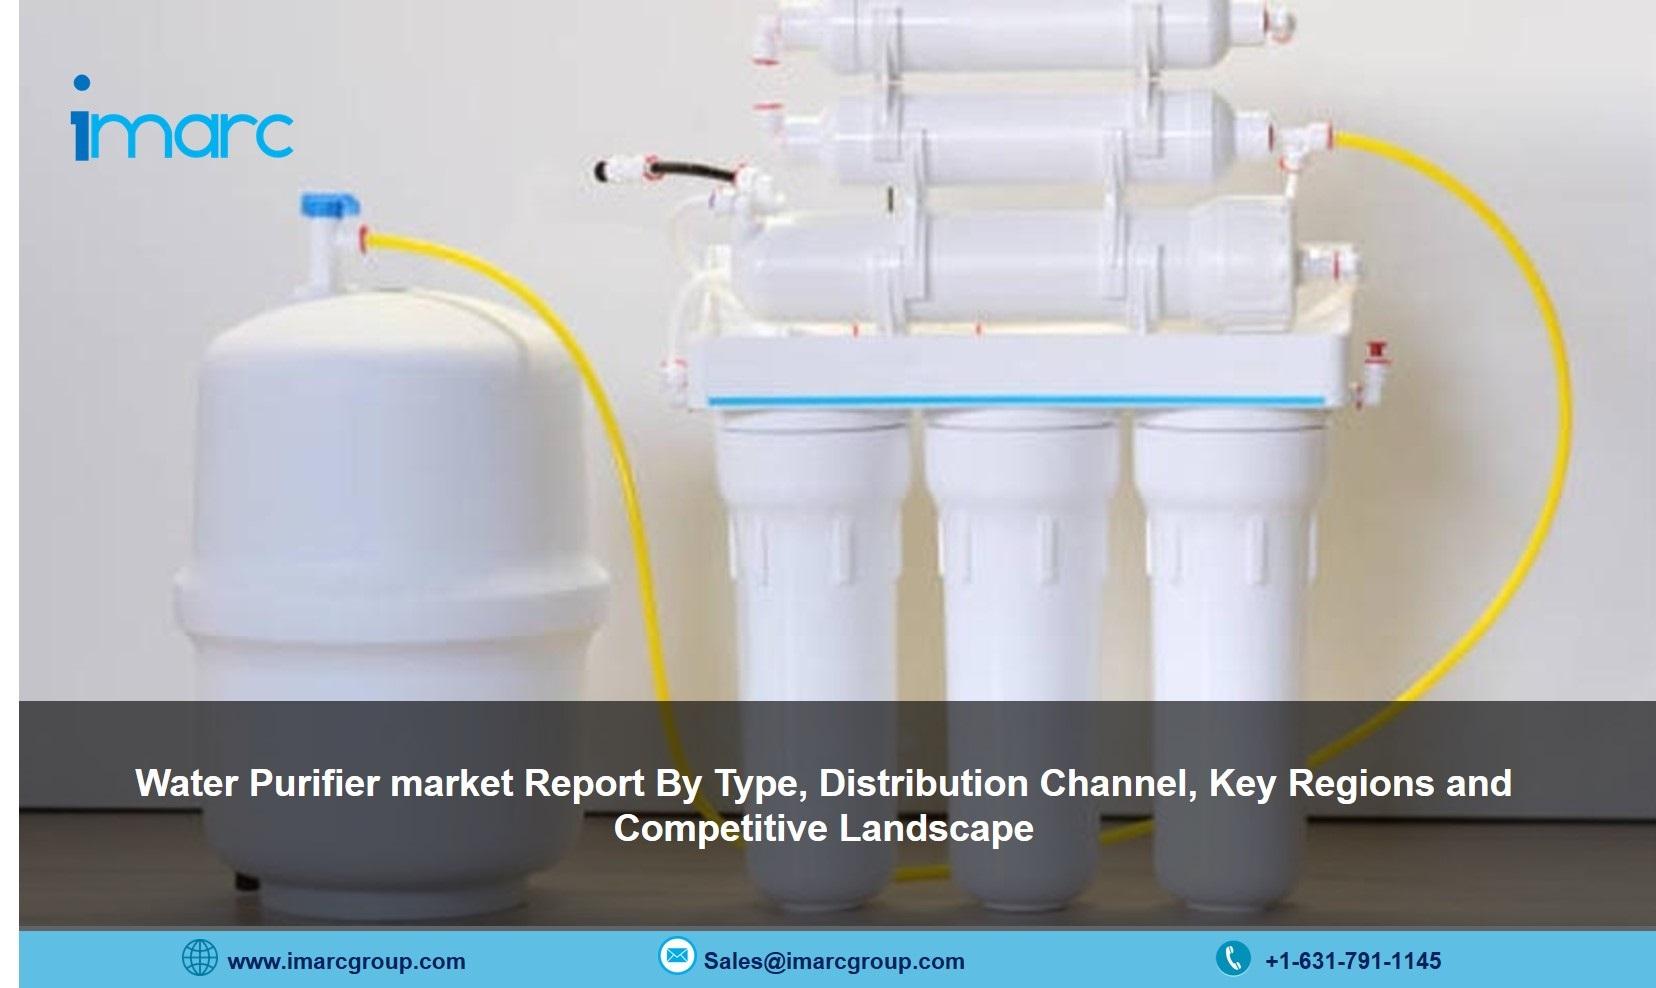 Tendances du marché des purificateurs d'eau, taille, part et prévisions 2021-2026